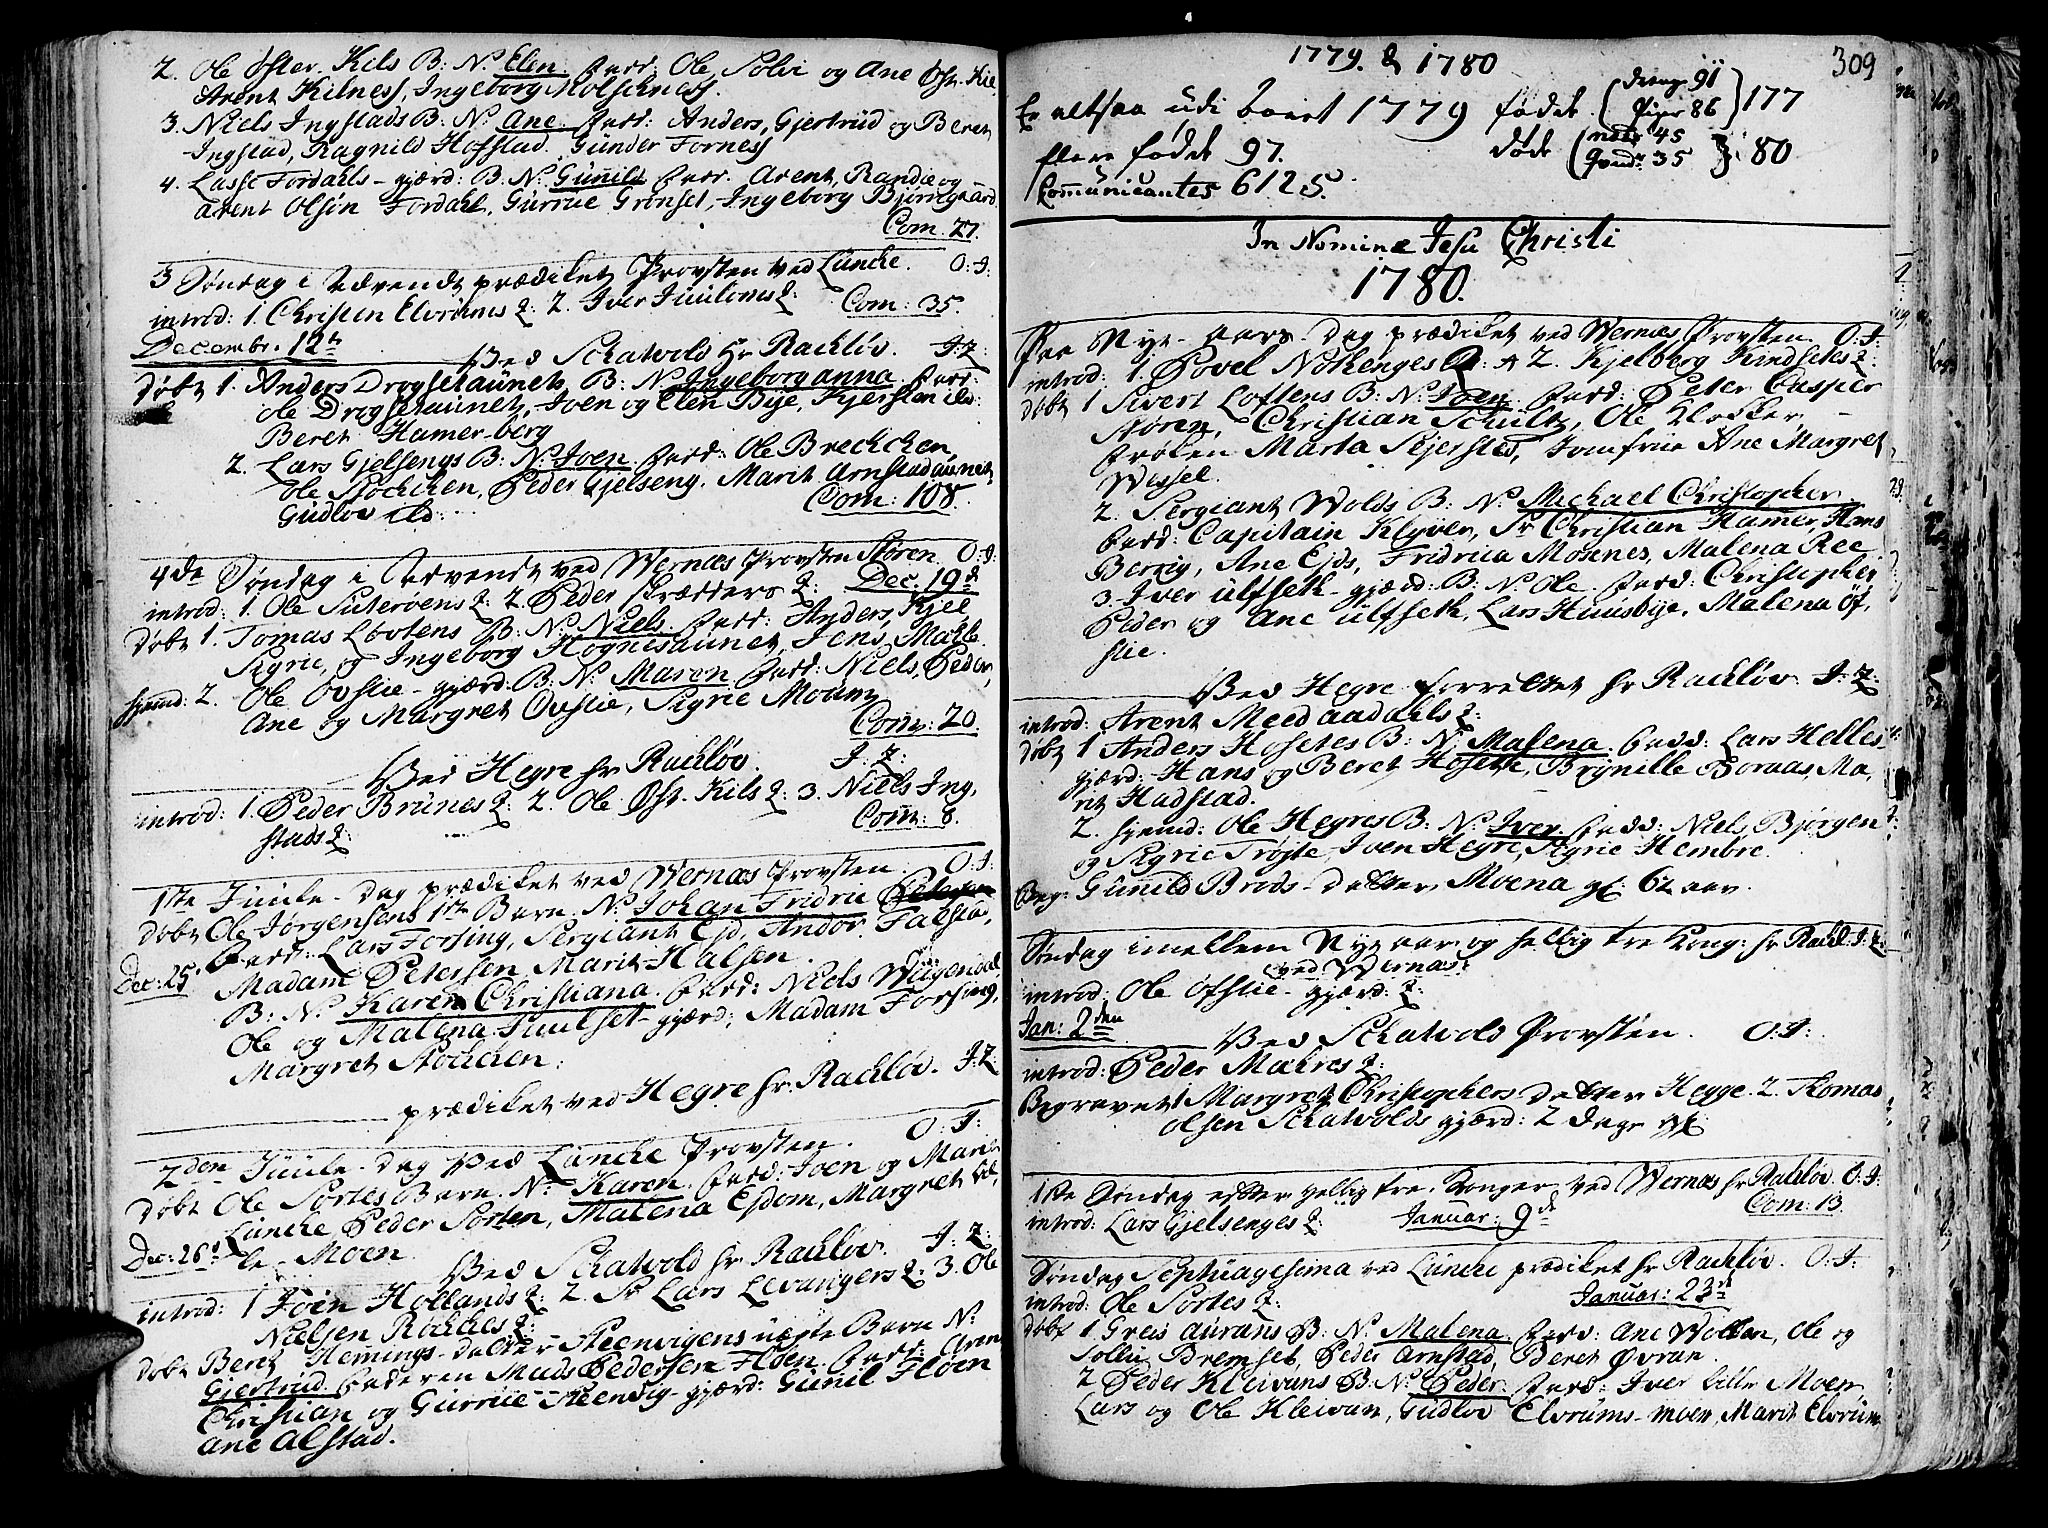 SAT, Ministerialprotokoller, klokkerbøker og fødselsregistre - Nord-Trøndelag, 709/L0057: Ministerialbok nr. 709A05, 1755-1780, s. 309